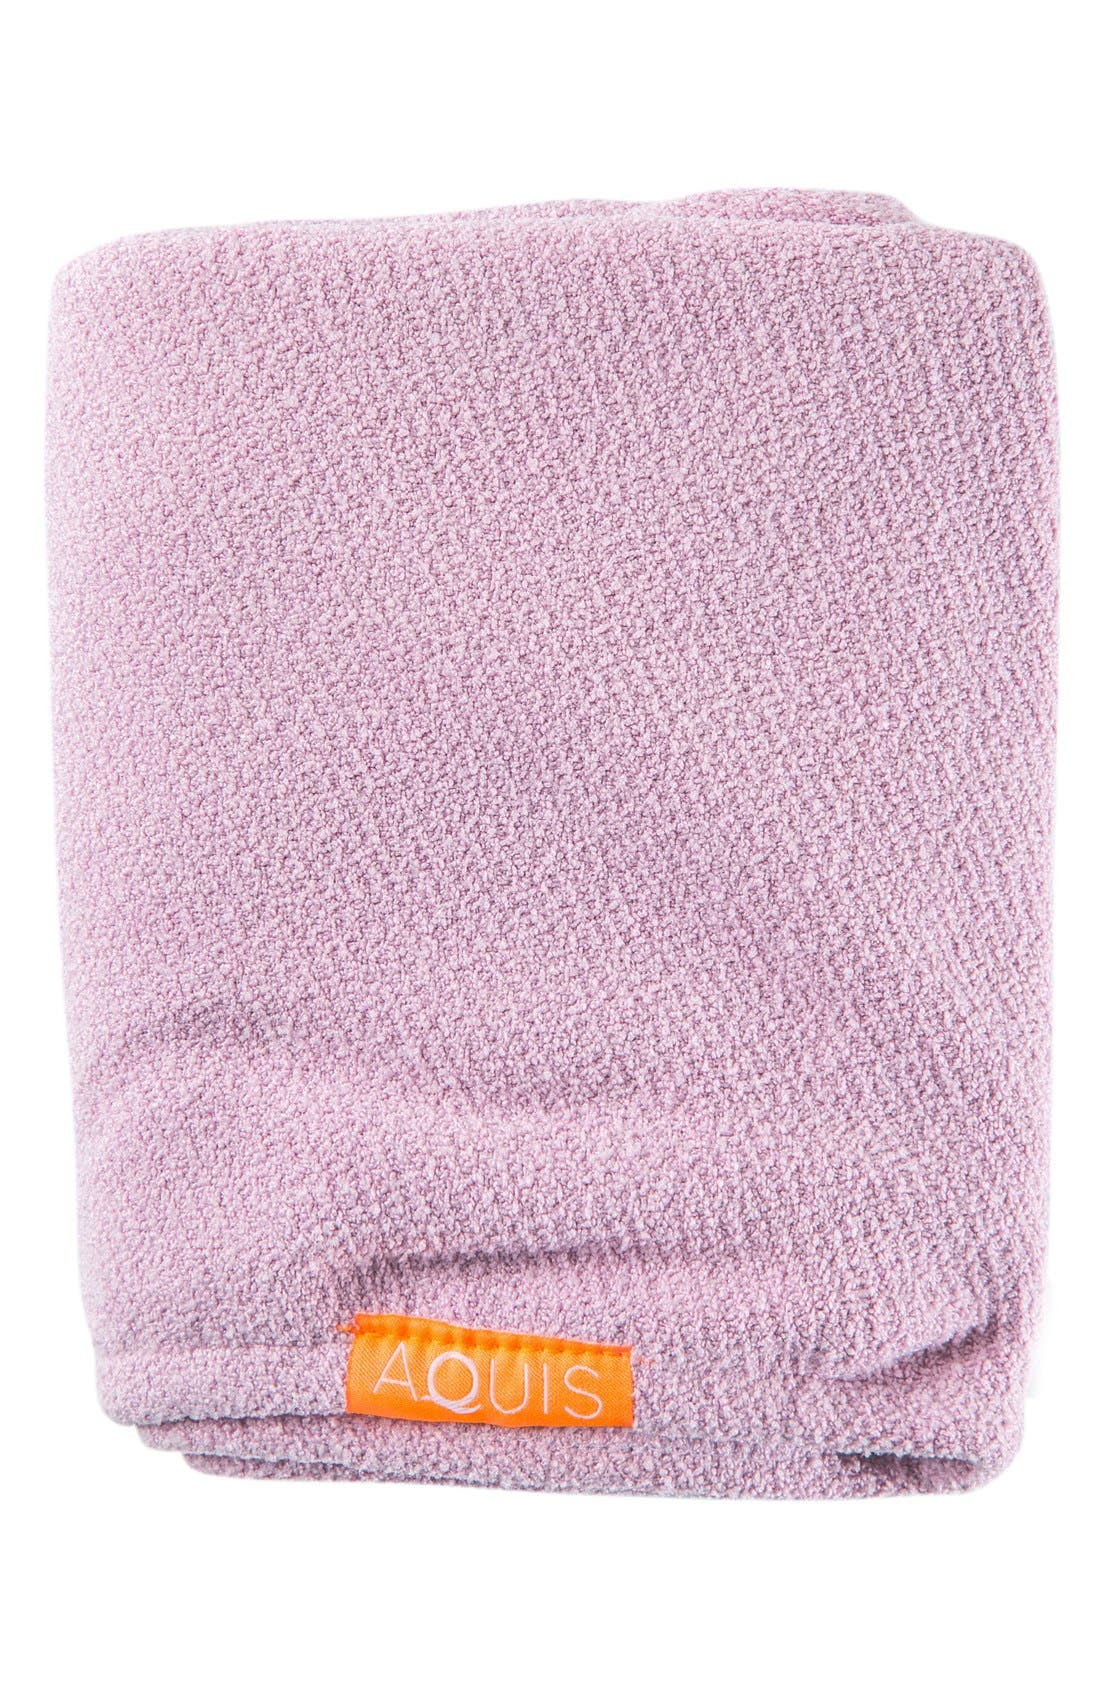 Lisse Luxe Desert Rose Hair Turban,                             Alternate thumbnail 7, color,                             DESERT ROSE